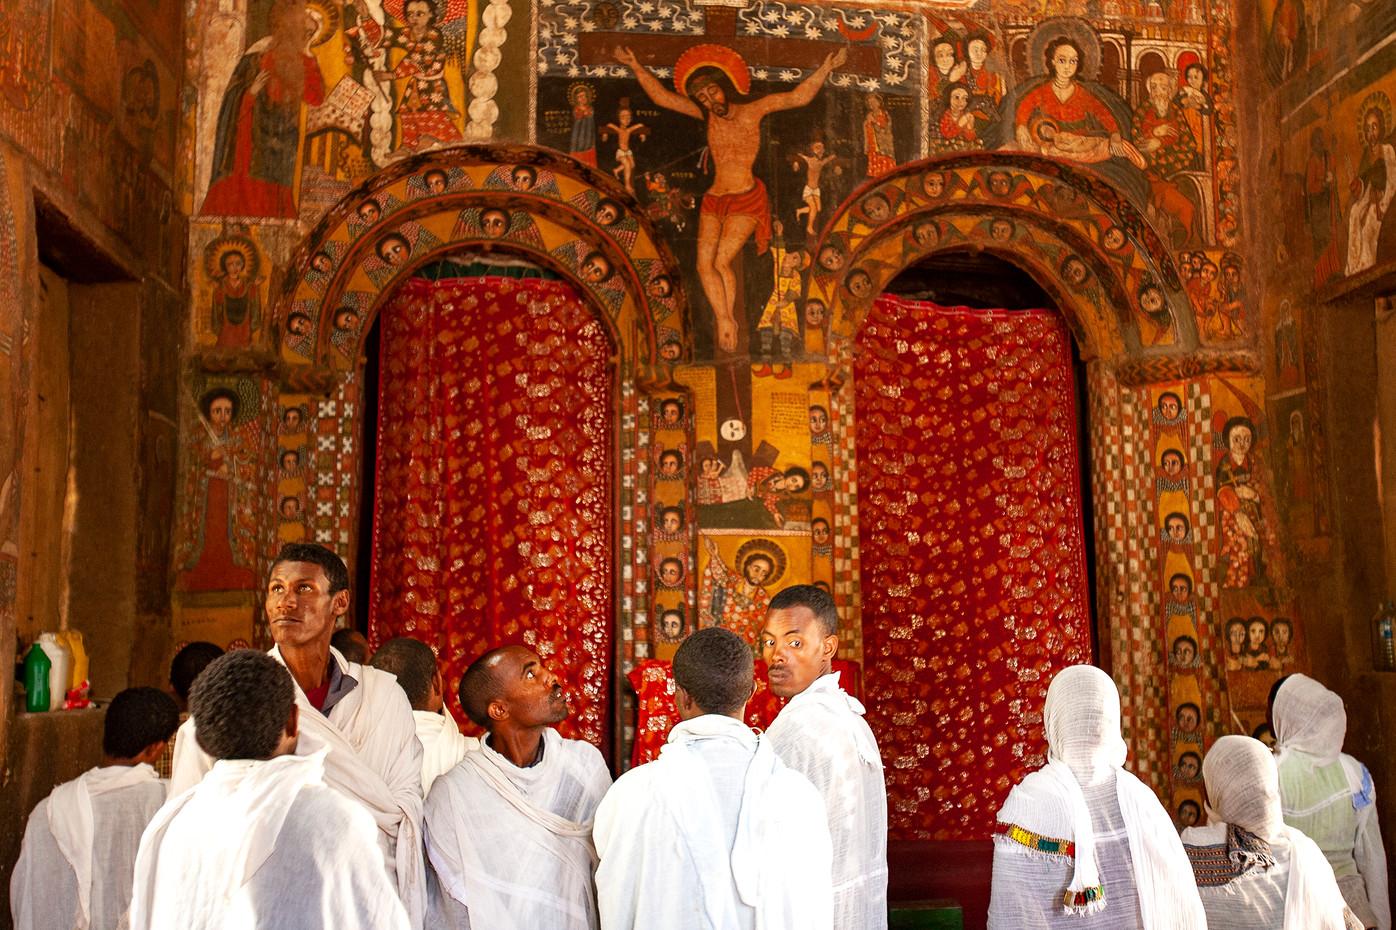 Pilgrims in Church in Gondar, Ethiopia